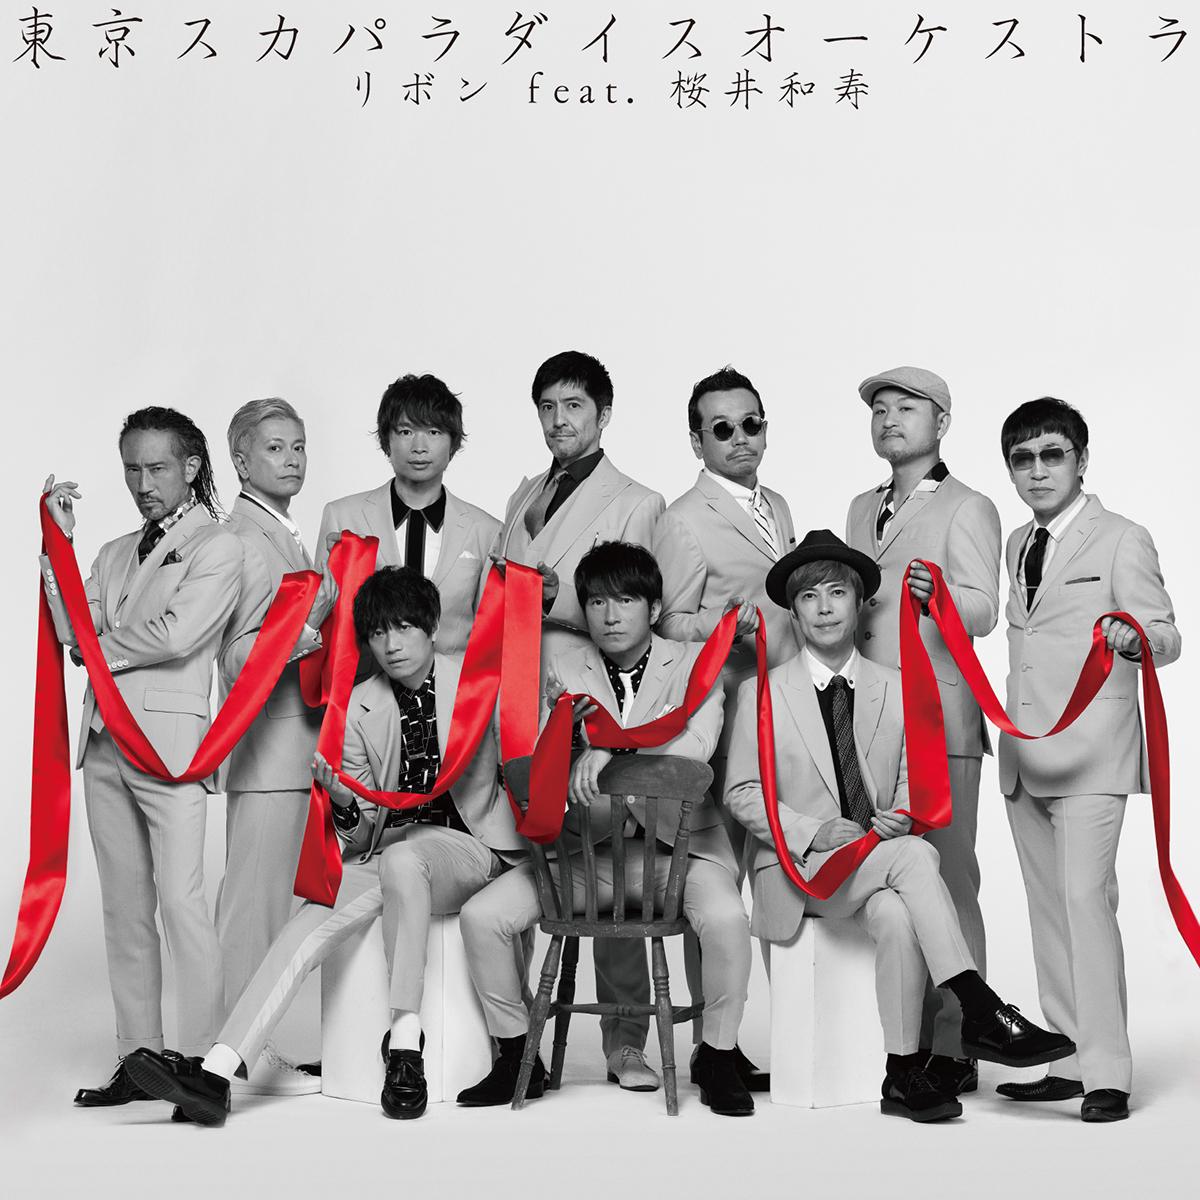 「リボン feat.桜井和寿(Mr.Children)」CD only